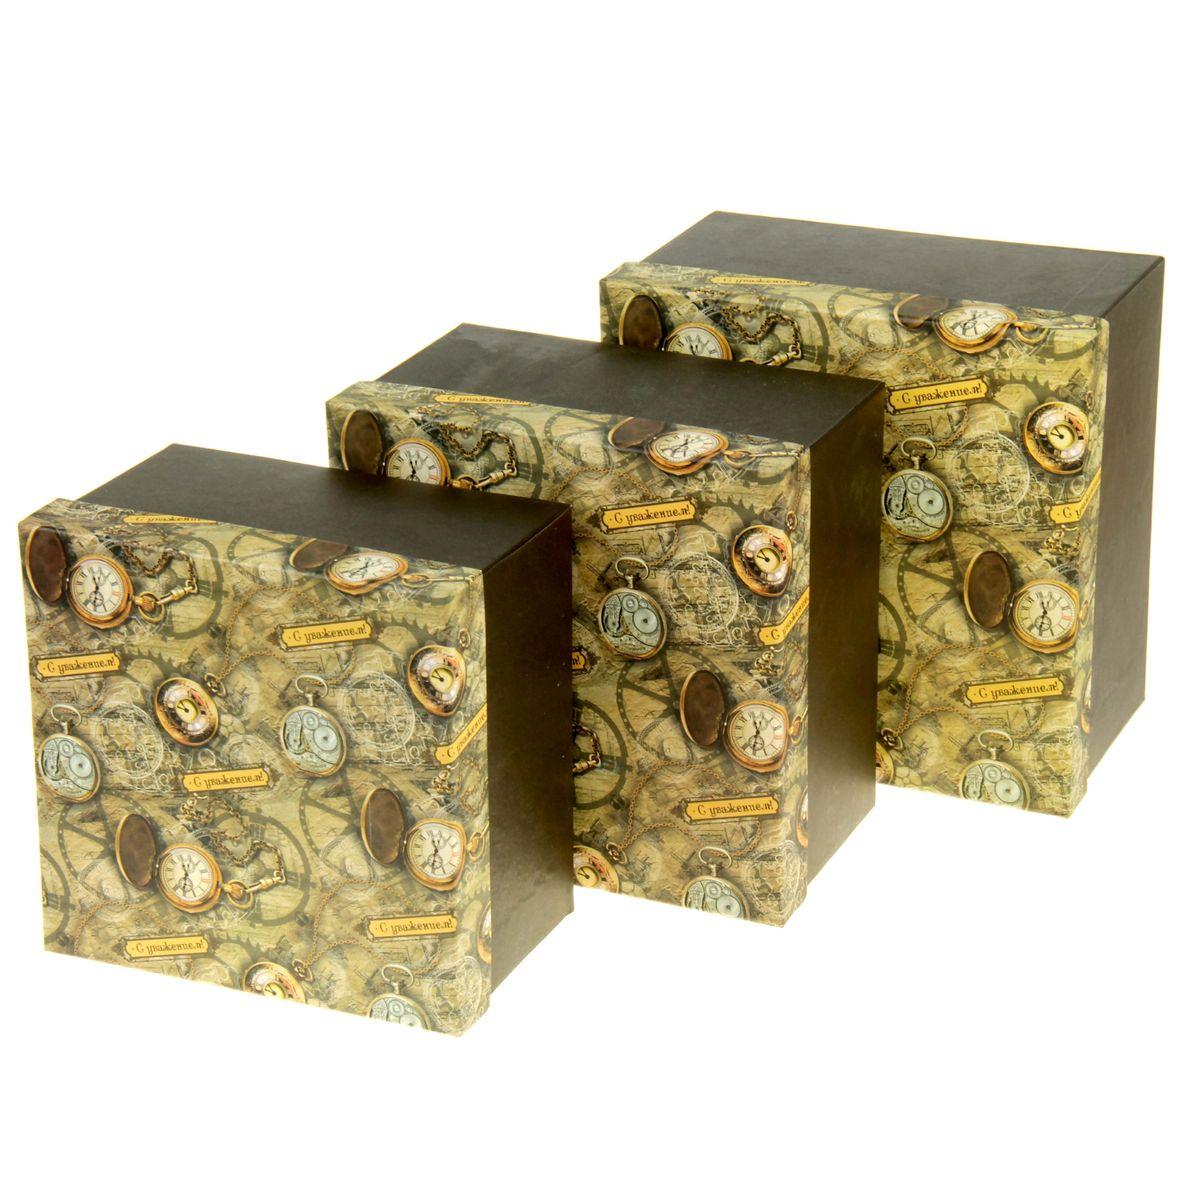 Набор подарочных коробок Sima-land Часы, 3 шт862376Набор Sima-land Часы состоит из 3 подарочных коробок разного размера, выполненных из плотного картона. Крышка оформлена ярким изображением и надписью С уважением!. Подарочная коробка - это наилучшее решение, если вы хотите порадовать ваших близких и создать праздничное настроение, ведь подарок, преподнесенный в оригинальной упаковке, всегда будет самым эффектным и запоминающимся. Окружите близких людей вниманием и заботой, вручив презент в нарядном, праздничном оформлении. Размер большой коробки: 20 см х 20 см х 11,5 см. Размер средней коробки: 18,5 см х 18,5 см х 11 см. Размер маленькой коробки: 17 см х 17 см х 10,5 см.